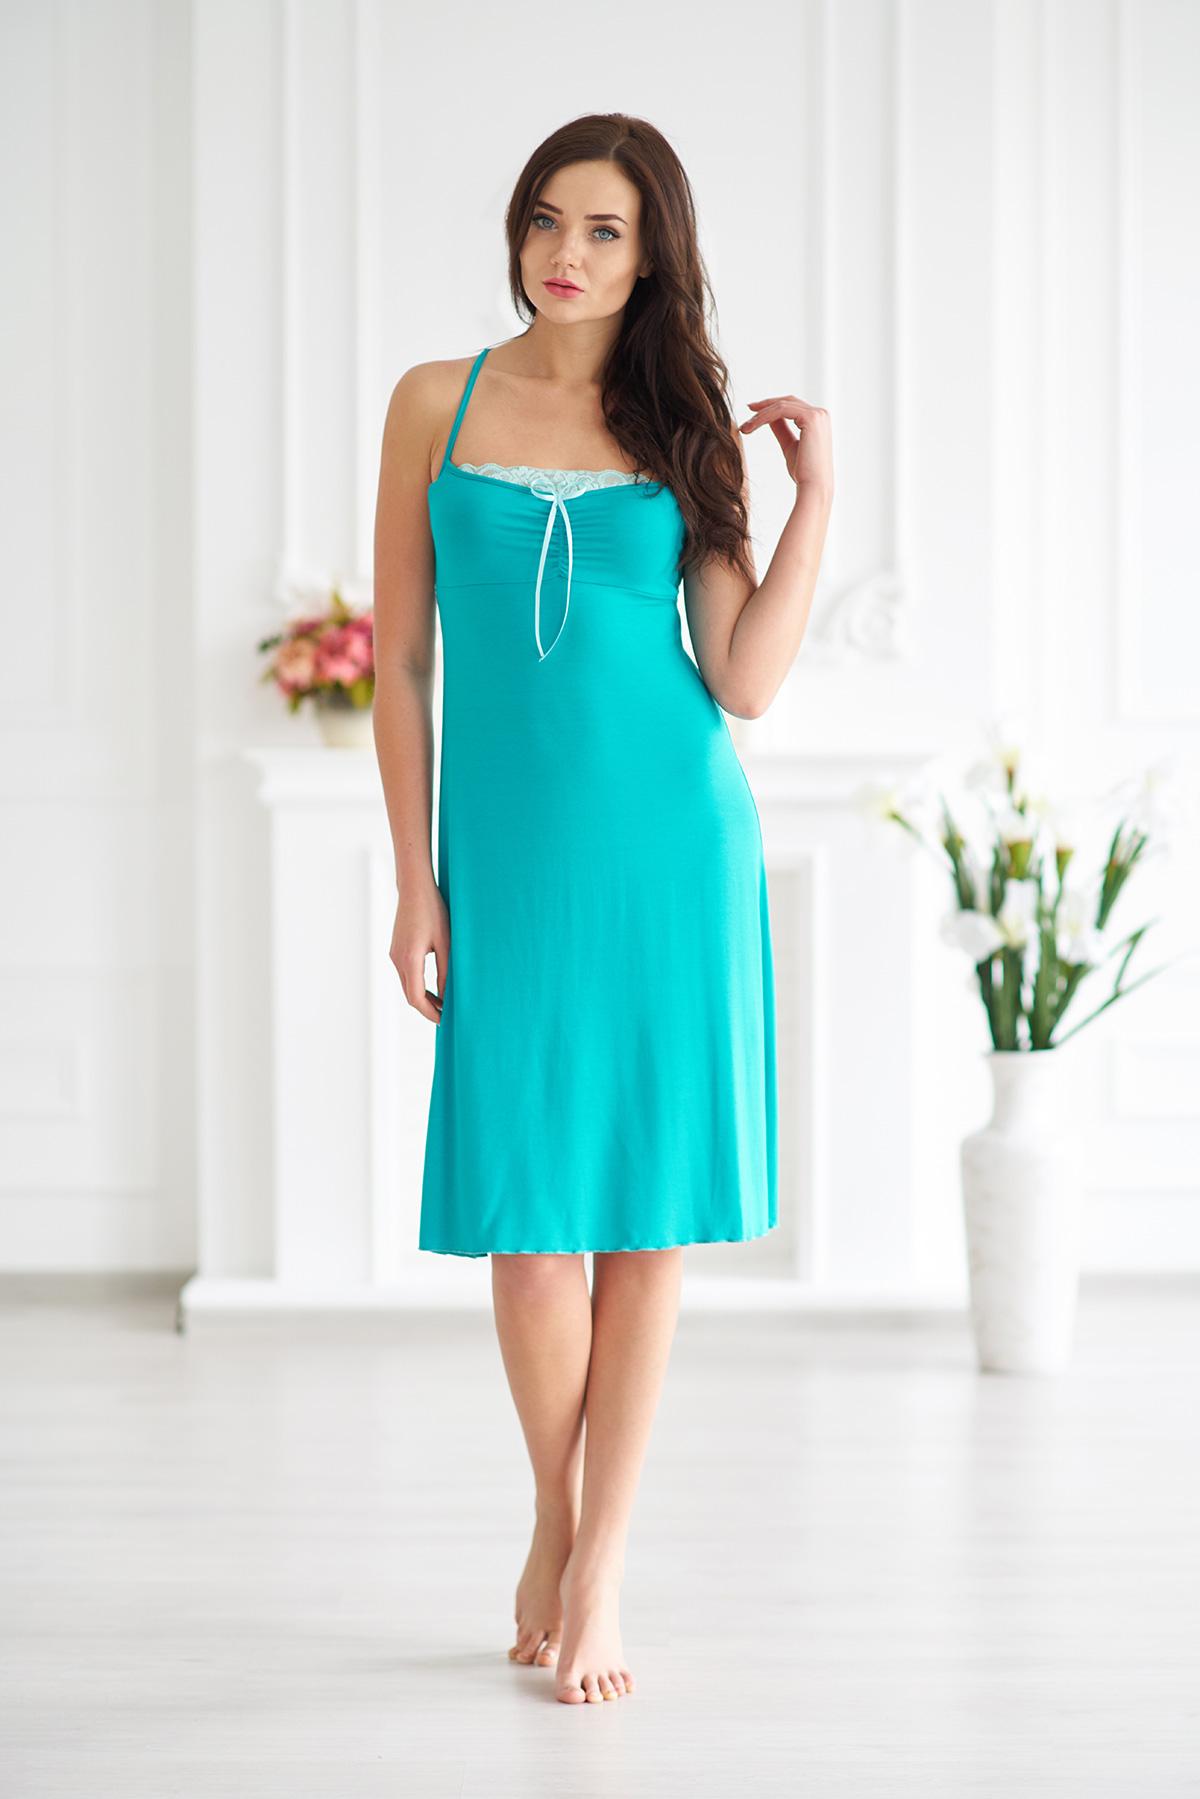 Жен. сорочка арт. 19-0019 Изумрудный р. 52Ночные сорочки<br>Факт. ОГ: 82 см <br>Факт. ОТ: 110 см <br>Факт. ОБ: 122 см <br>Длина по спинке: 80 см<br><br>Тип: Жен. сорочка<br>Размер: 52<br>Материал: Вискоза